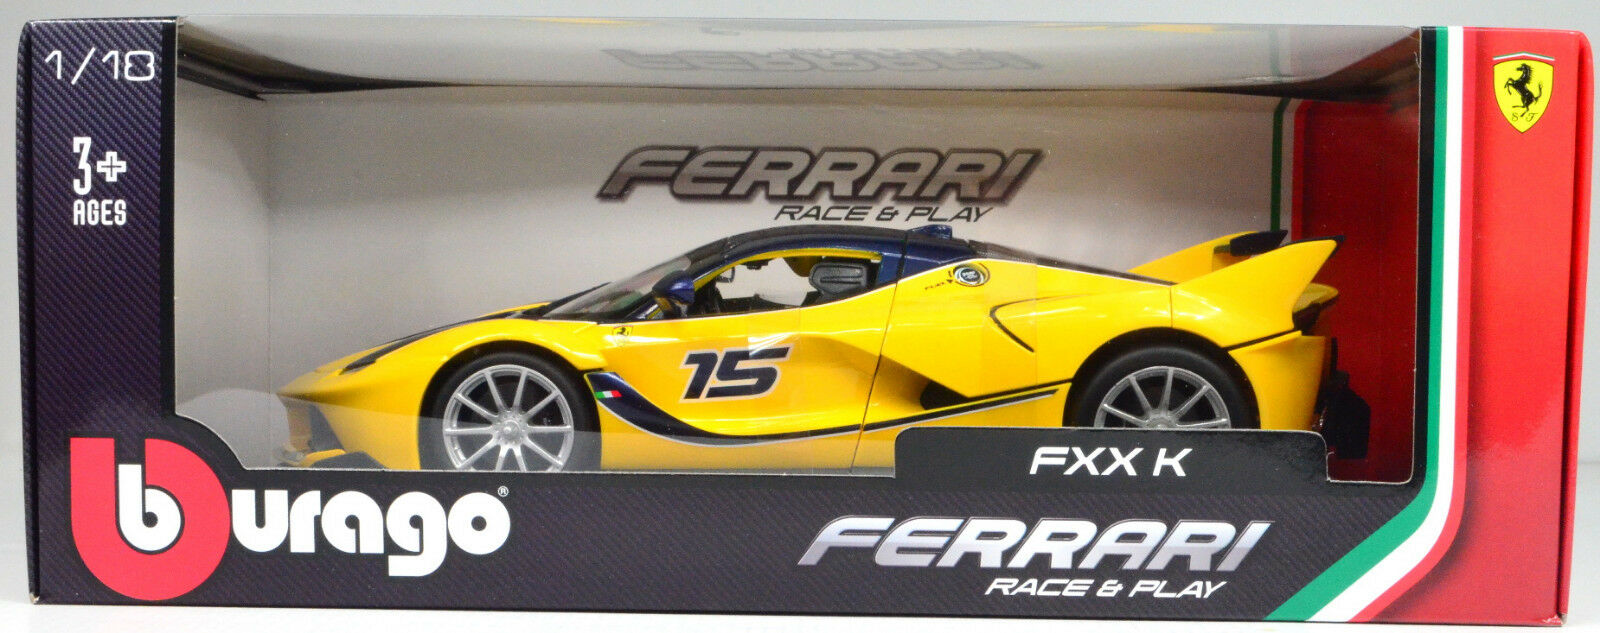 Ferrari FXX FXX FXX K gelb Maßstab 1 18 von Bburago  | Lebensecht  a7932c